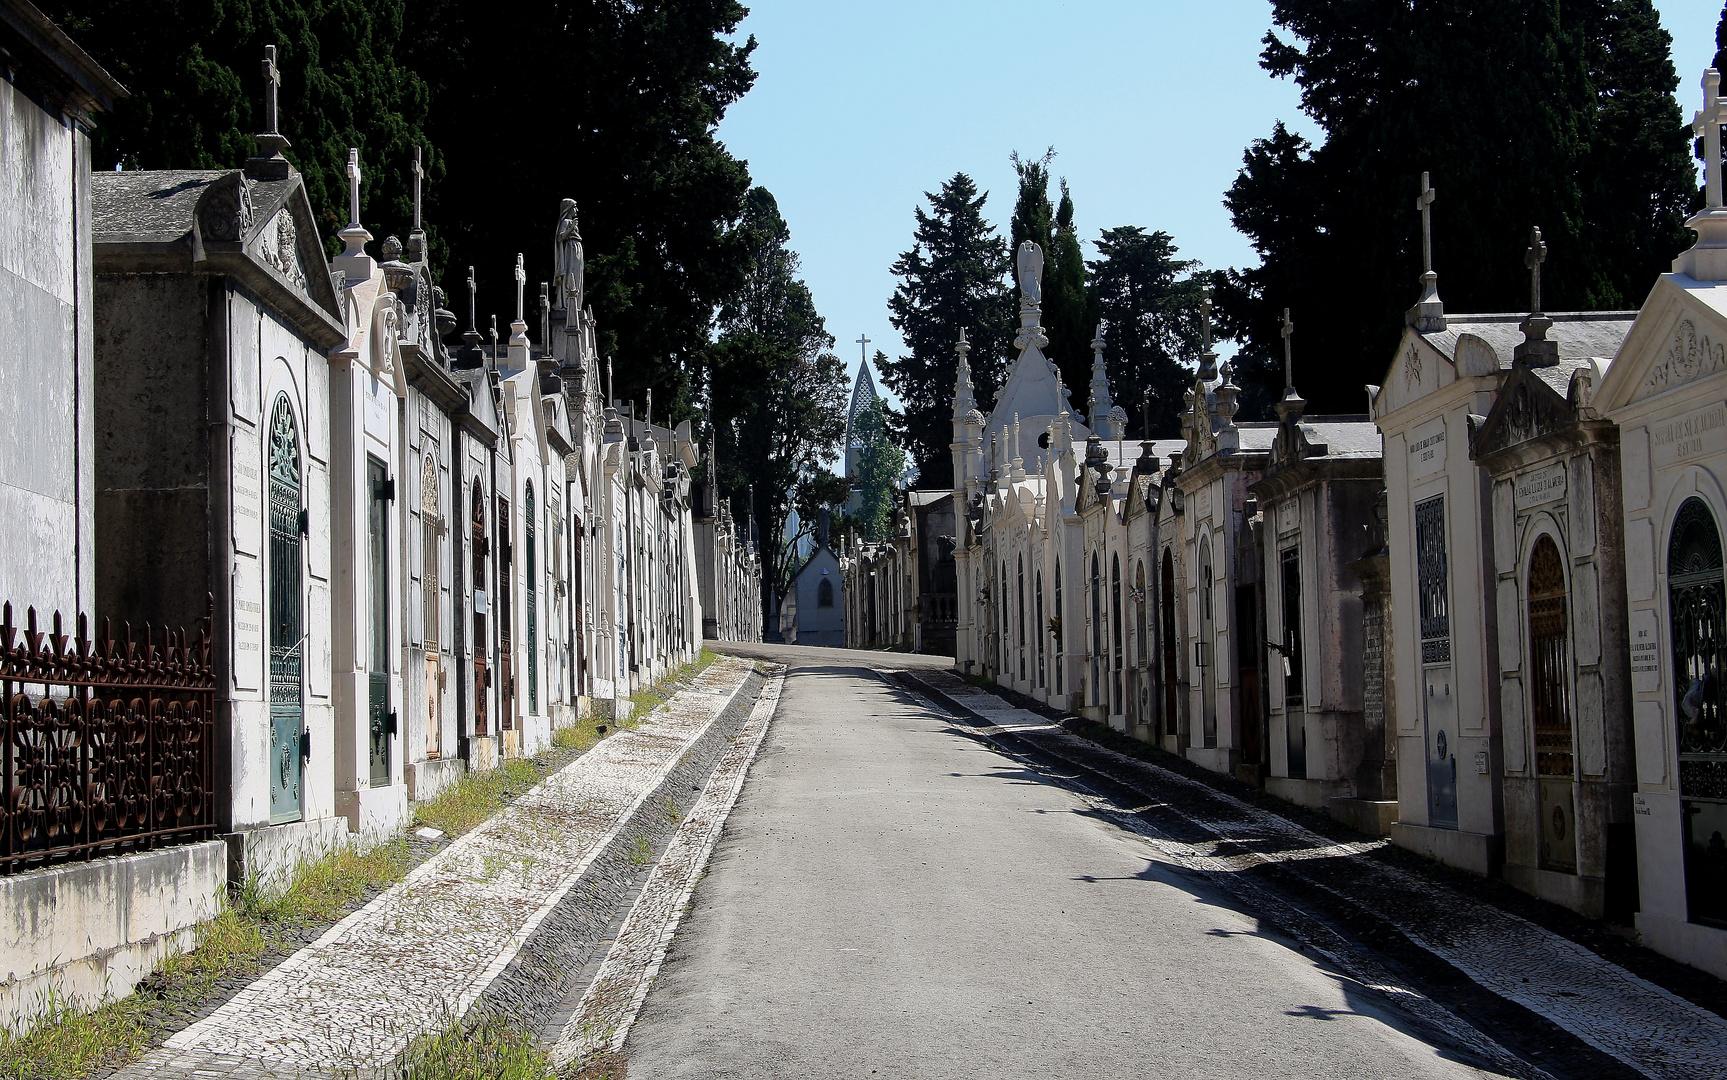 Cemitèrio dos Prazeres - Lissabon I